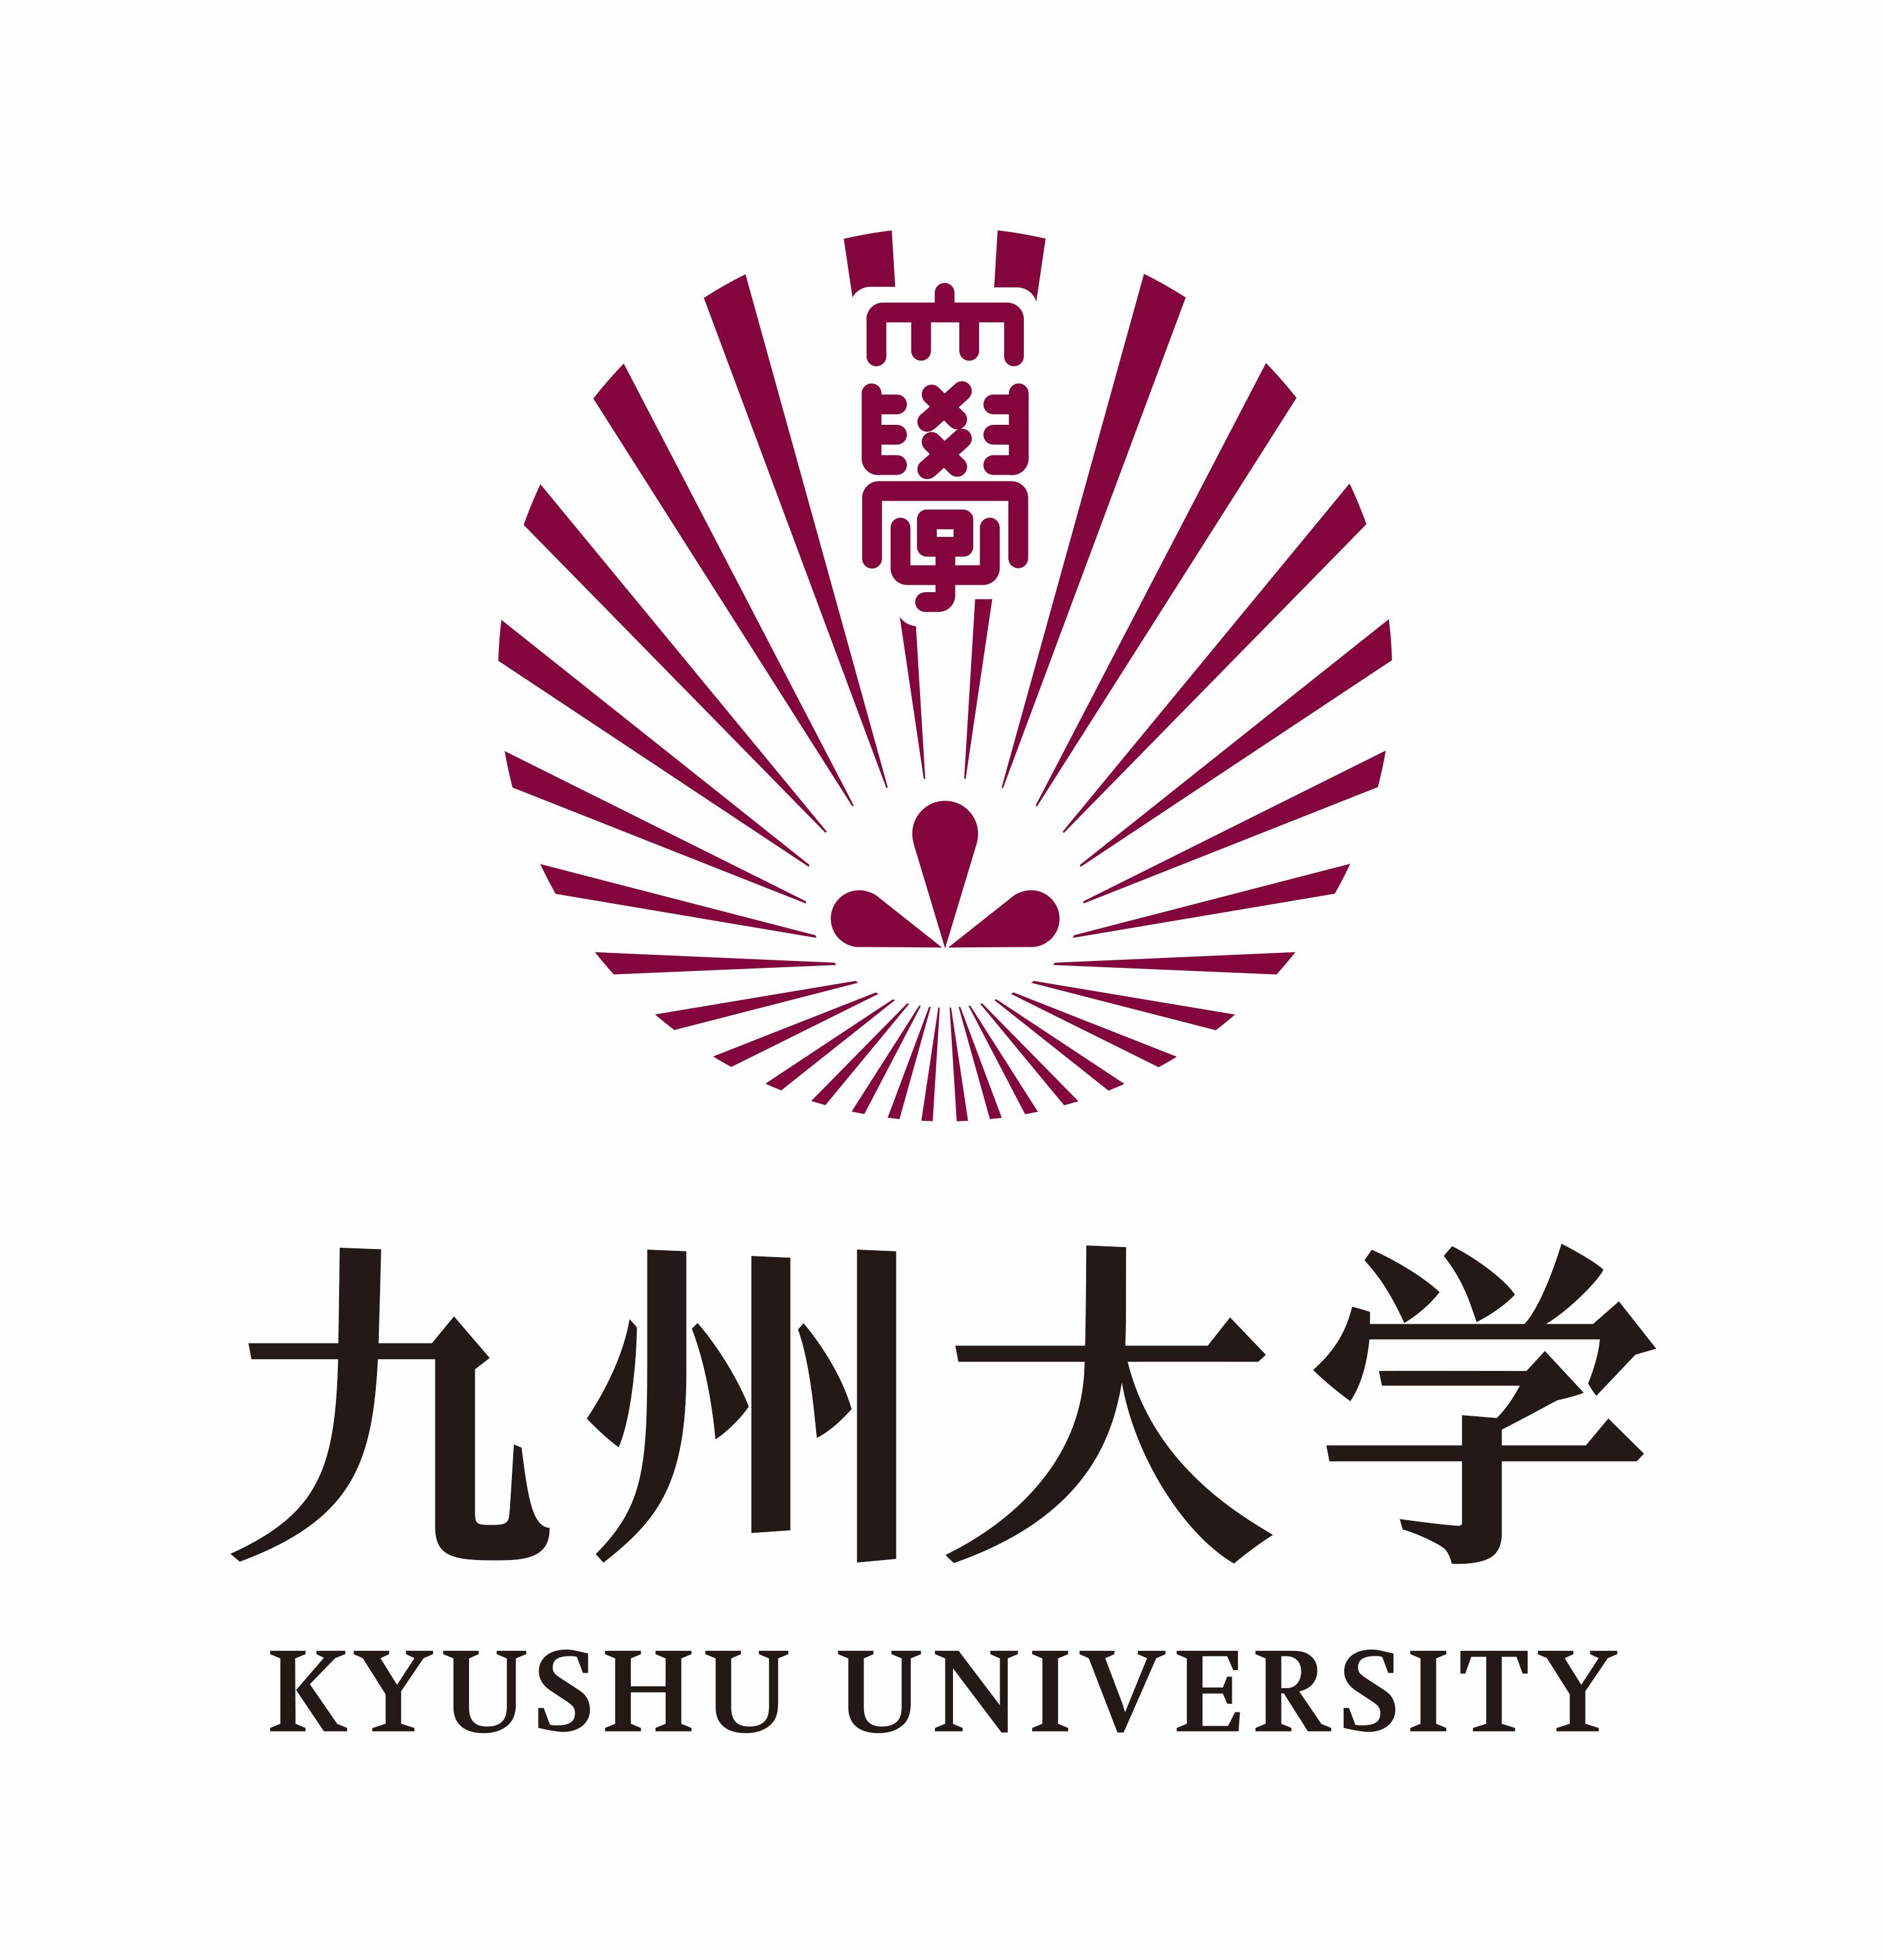 KyushuUniversity